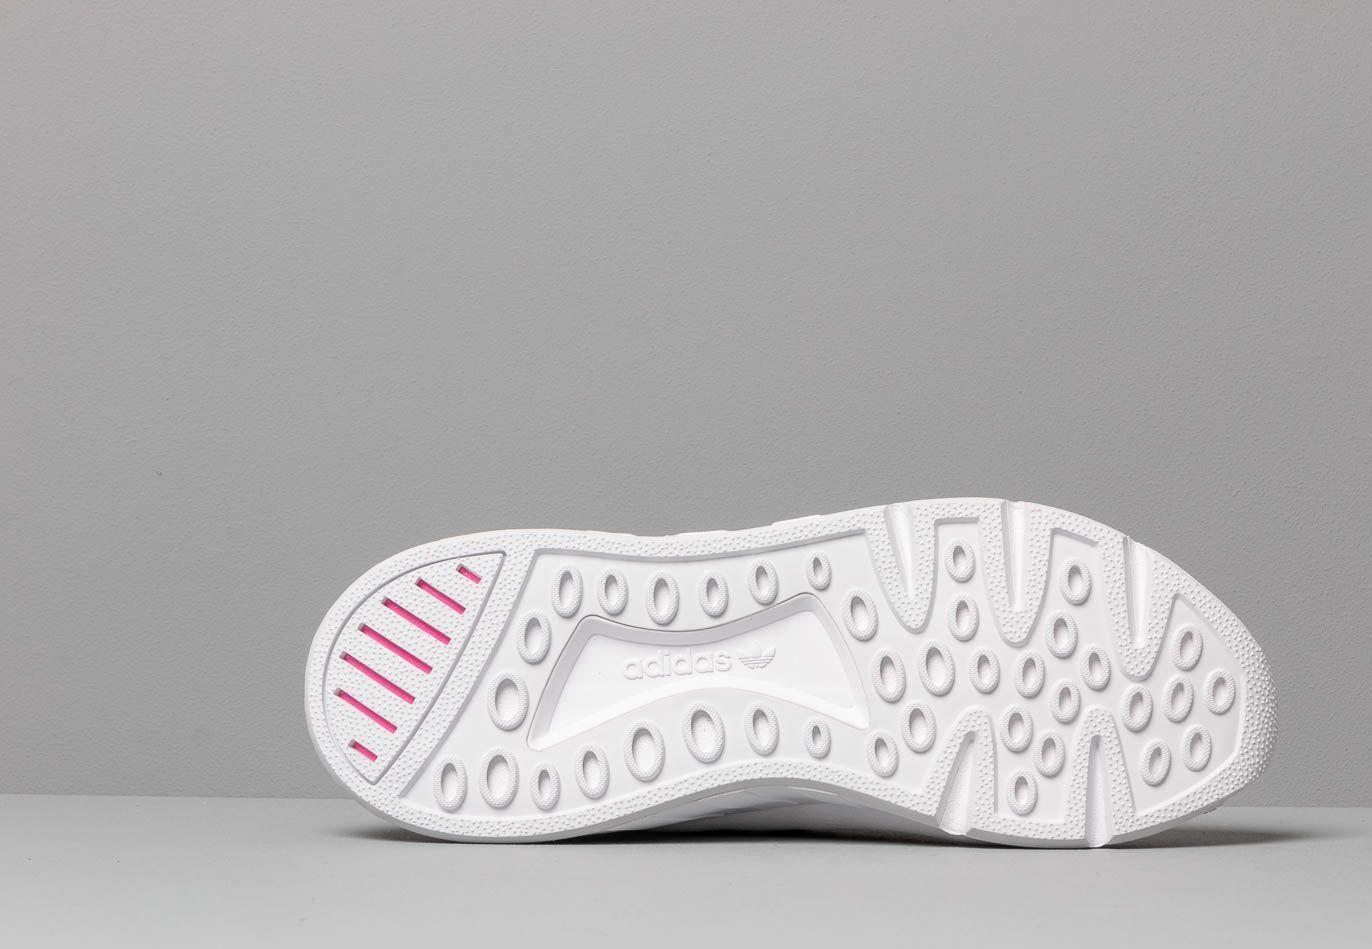 Adidas EQT Support Mid Adv Pk Ftw White/ Grey Two/ Core Black adidas Originals de hombre